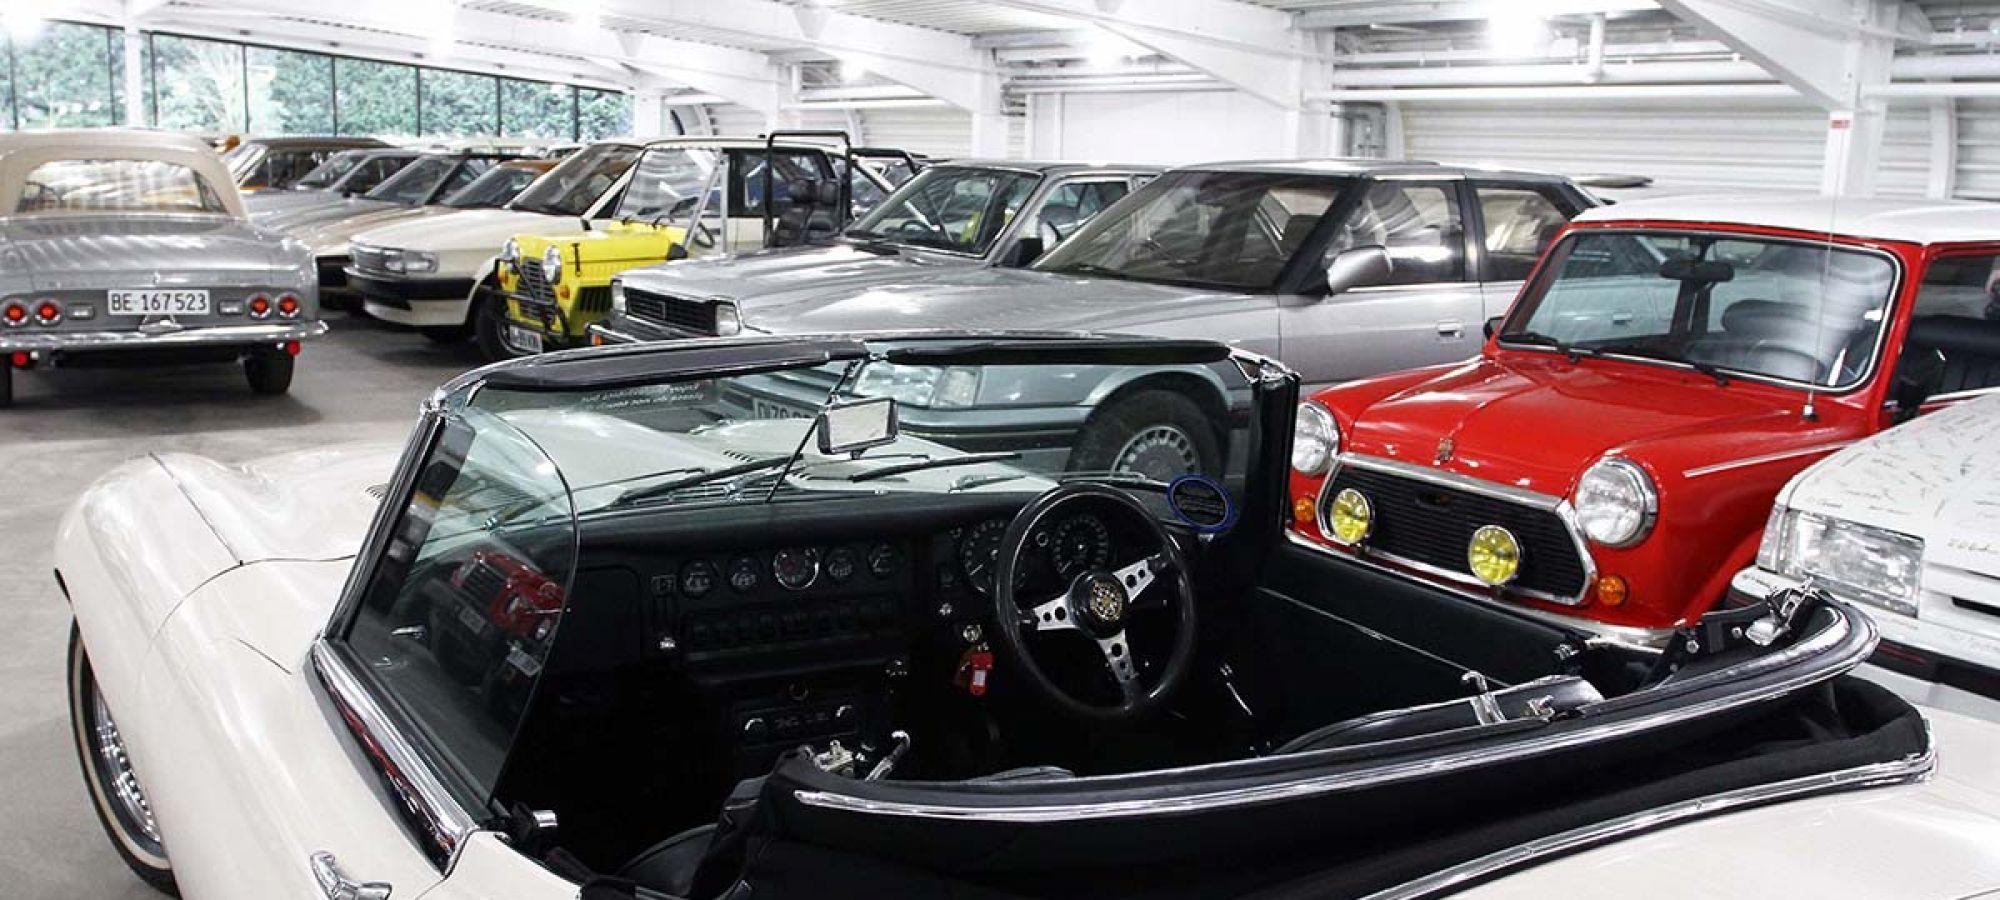 Les Musées de voiture anglaise sportive3 - Les Musées de voiture anglaise sportive